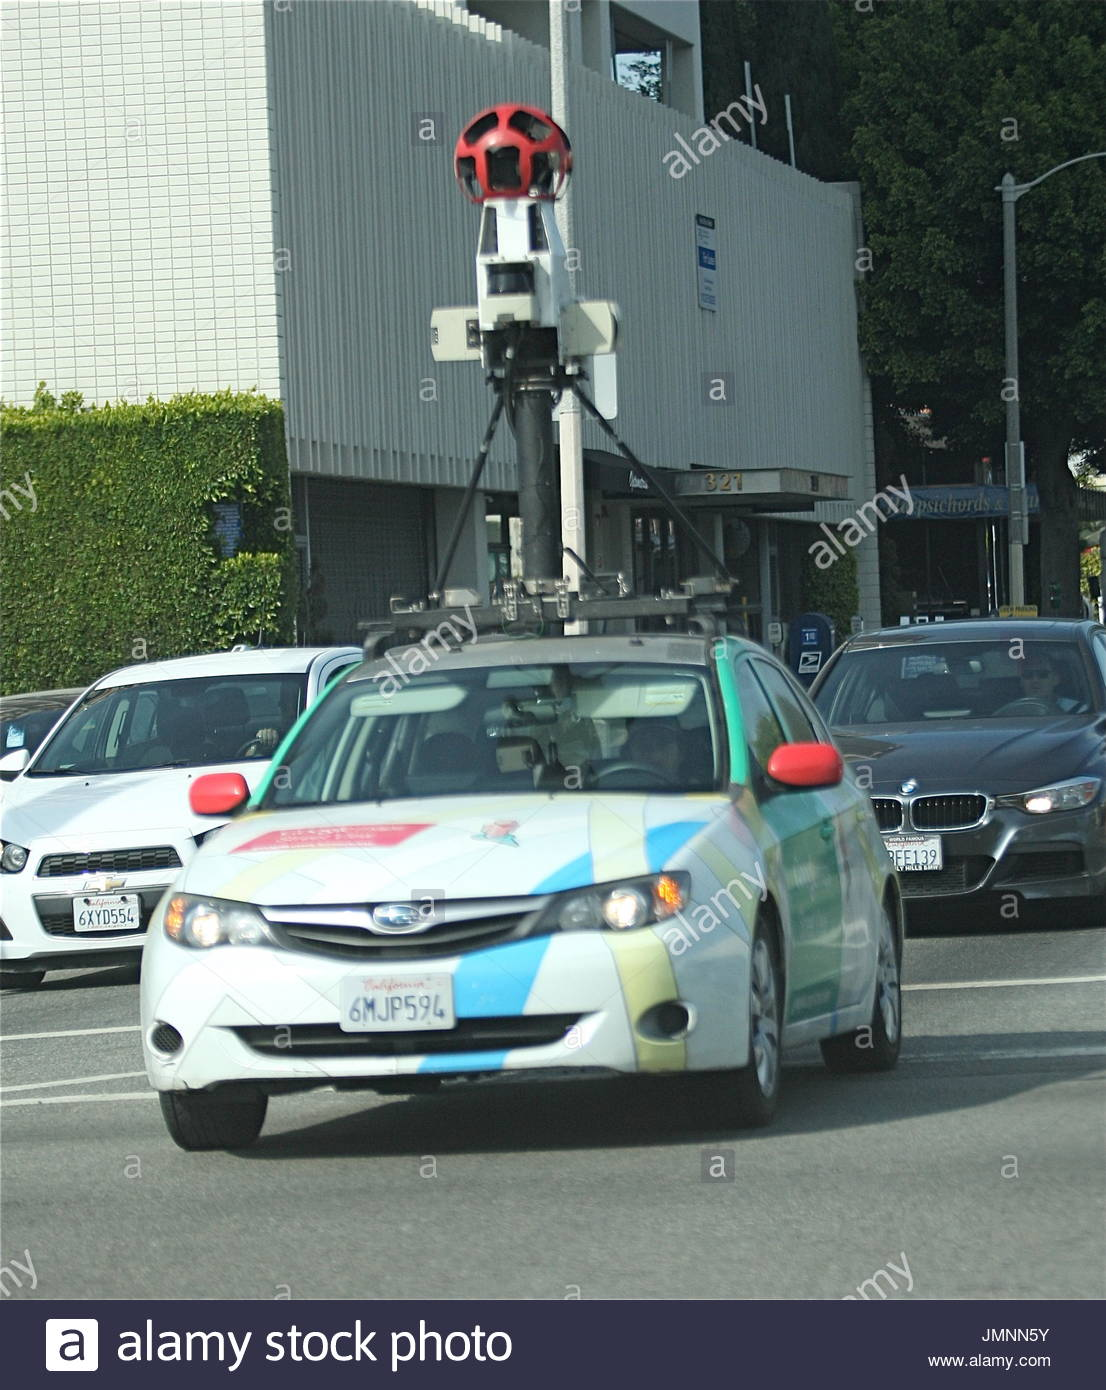 Google Maps And Car Stock Photos & Google Maps And Car ... | 1106 x 1390 jpeg 196kB